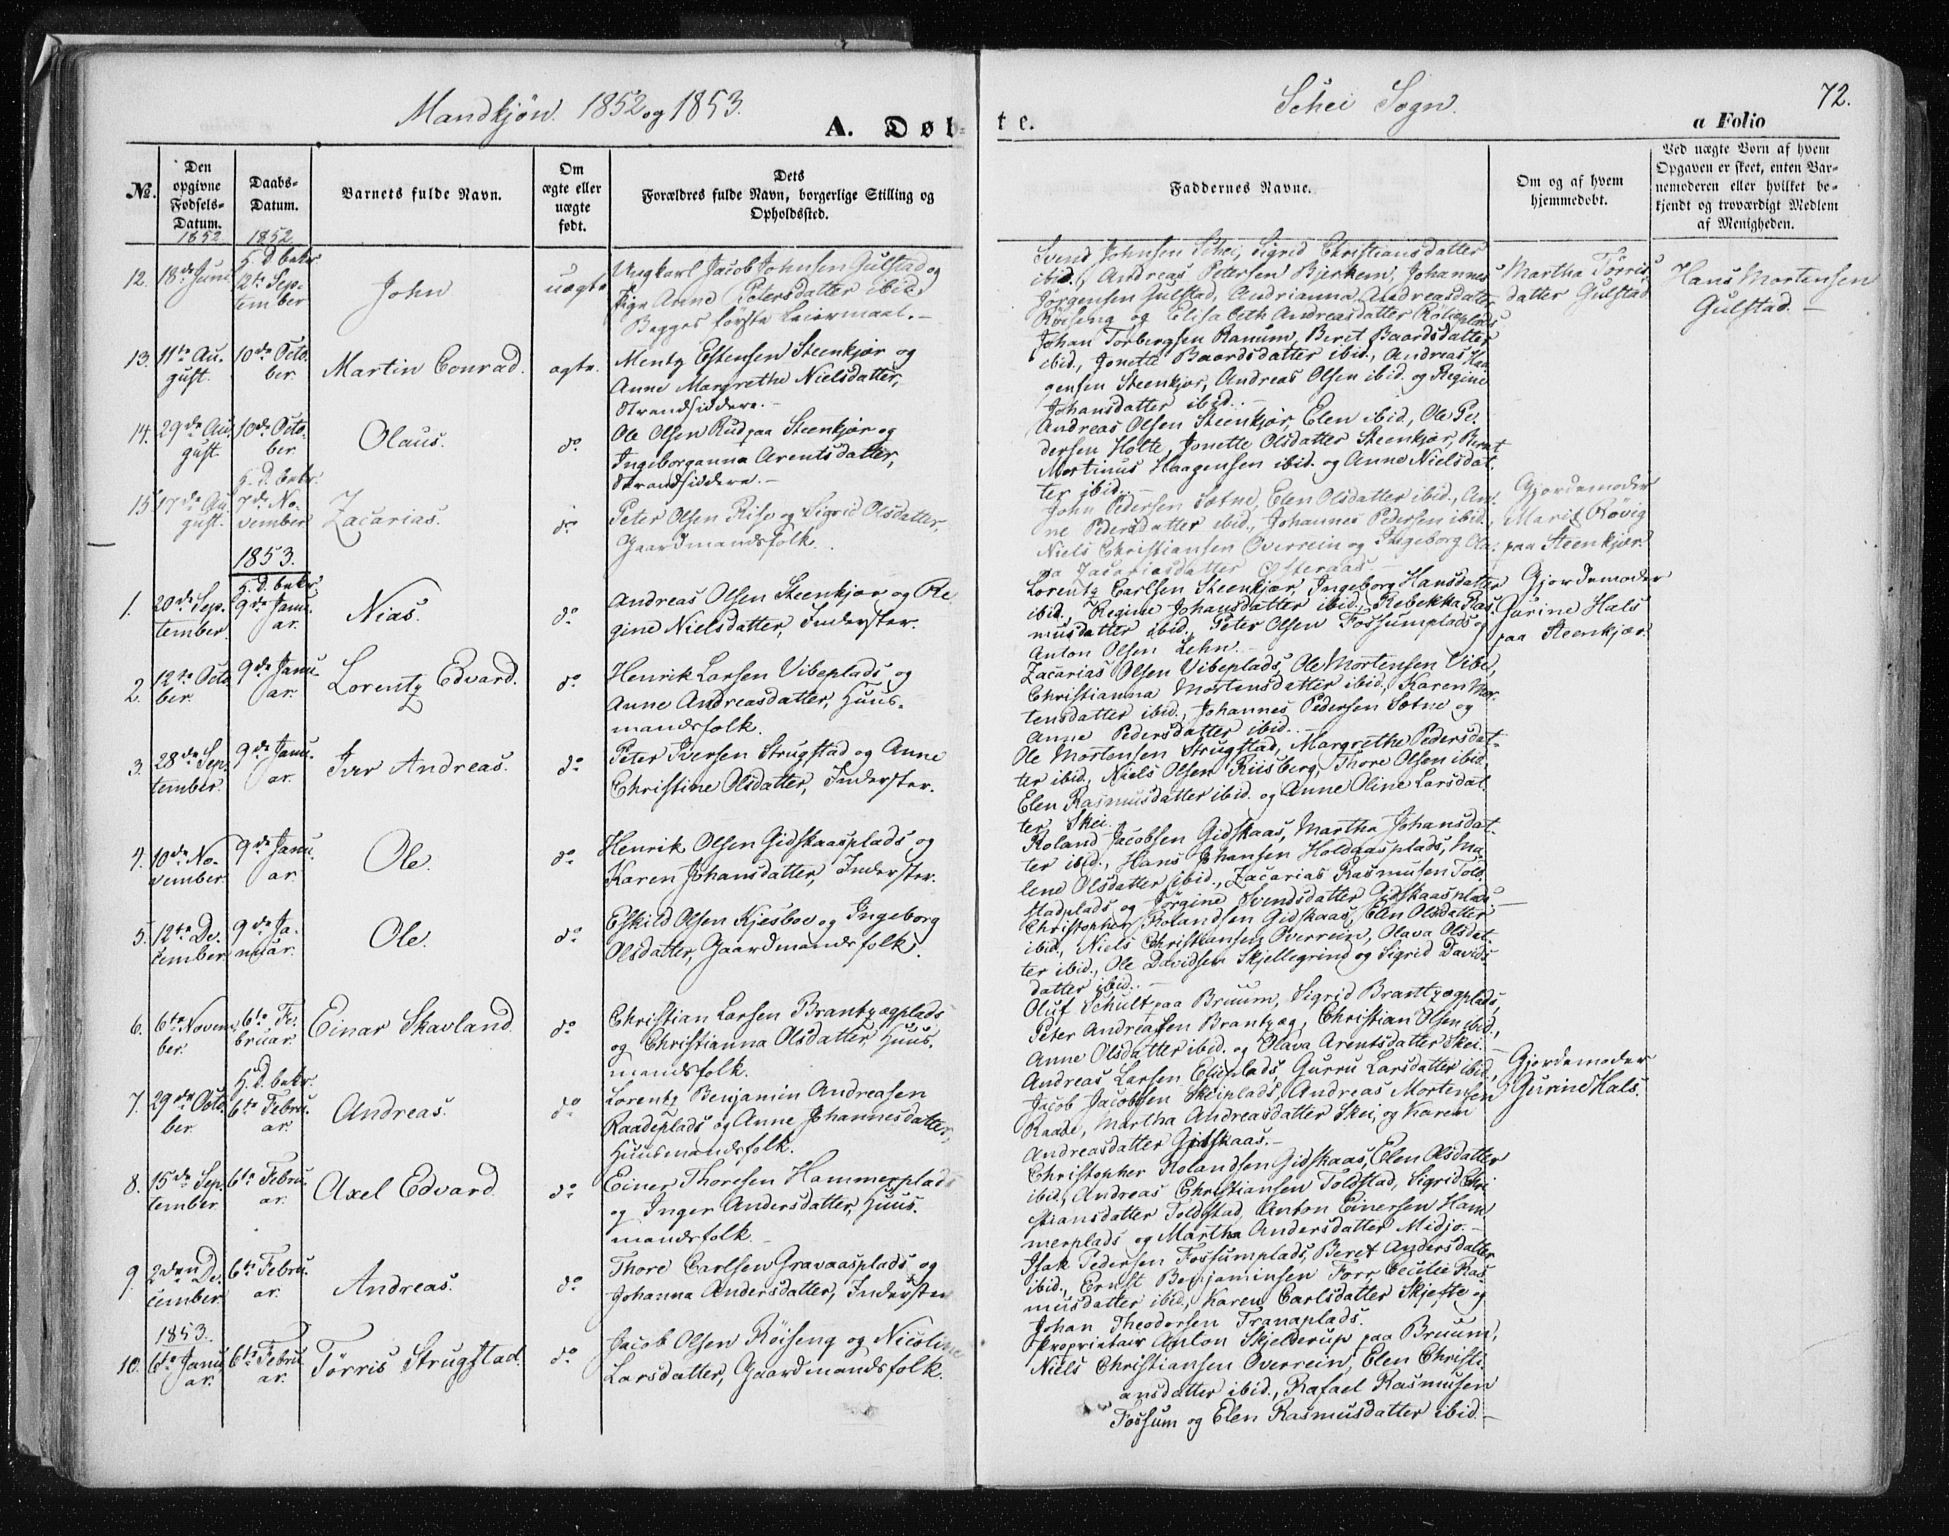 SAT, Ministerialprotokoller, klokkerbøker og fødselsregistre - Nord-Trøndelag, 735/L0342: Ministerialbok nr. 735A07 /2, 1849-1862, s. 72